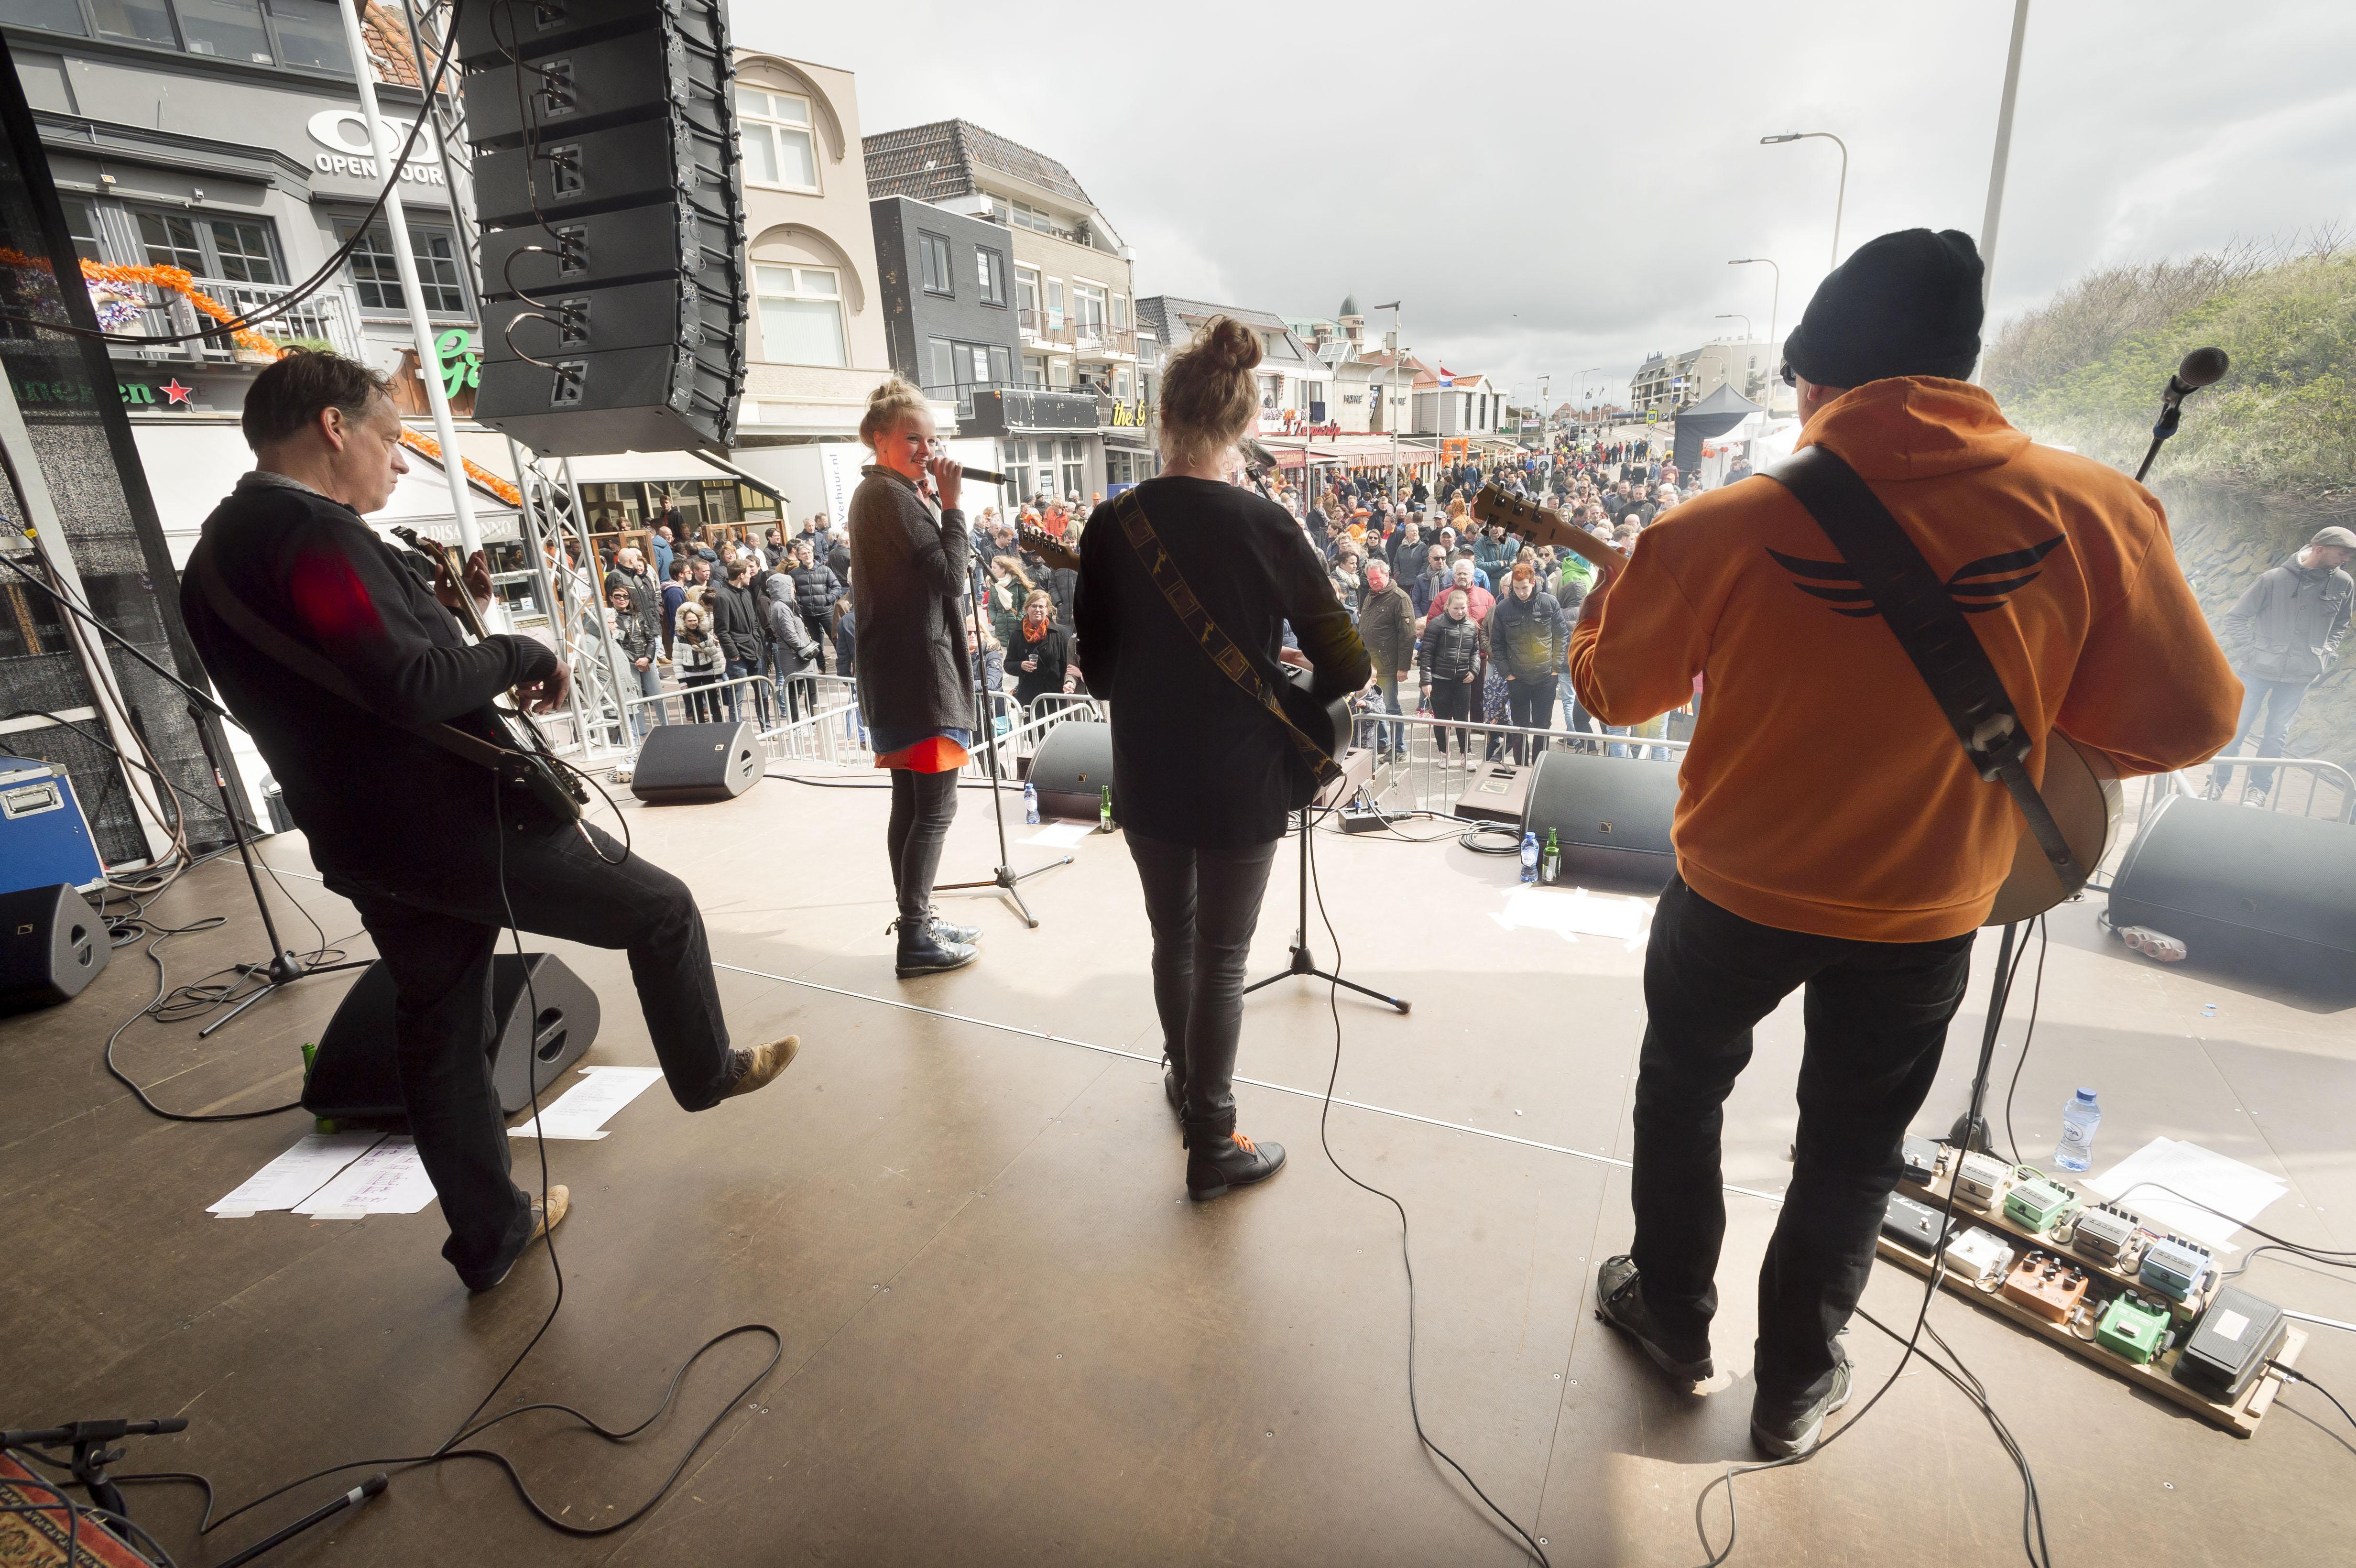 Festiviteiten rond Koningsdag in Noordwijk afgelast